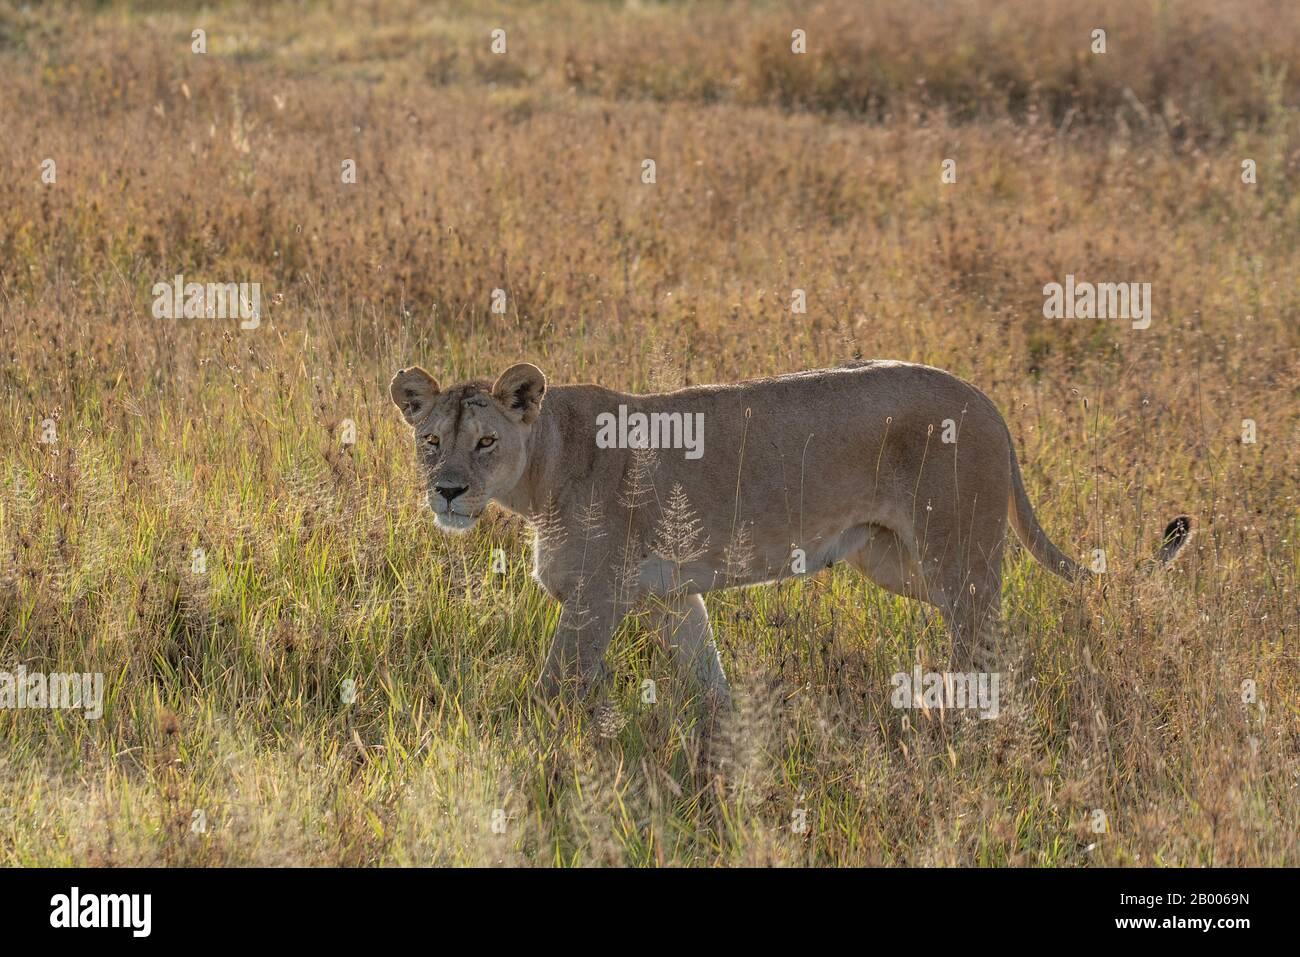 Löwin im goldenen Licht des Serengeti-Nationalparks Stockfoto